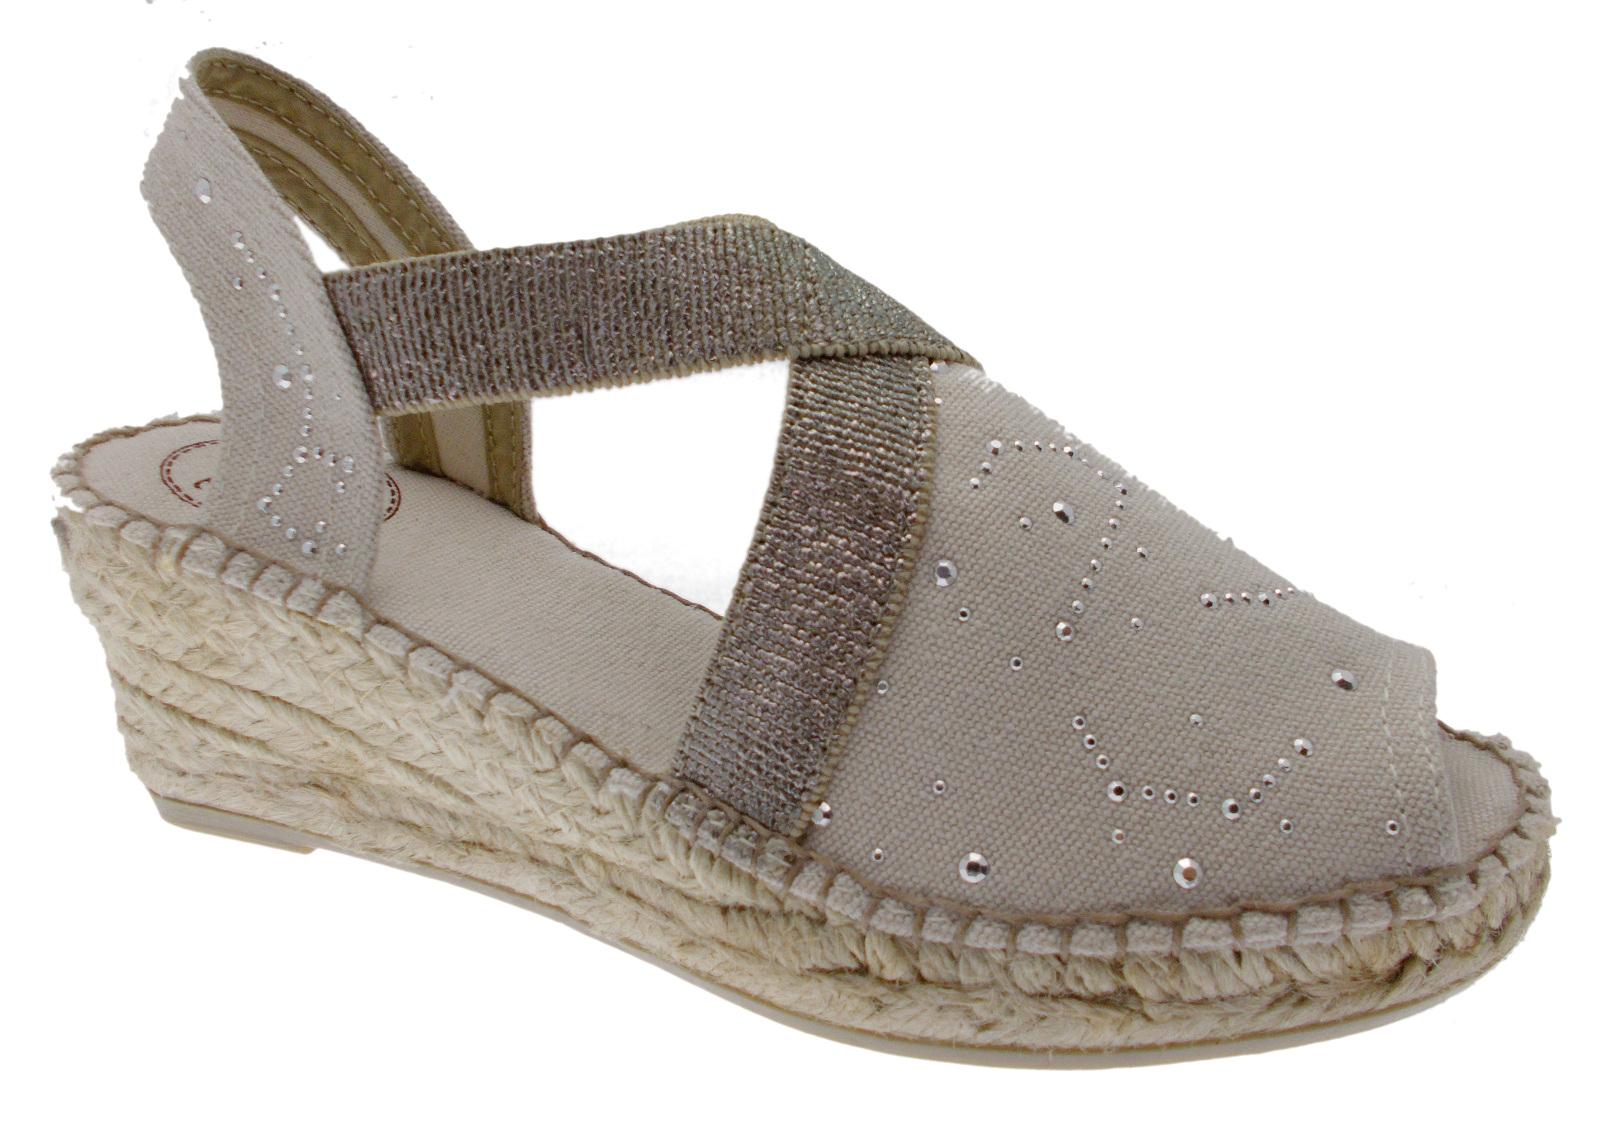 742c26b7273 Traduire chaussures compensées en anglais - Chaussure - lescahiersdalter